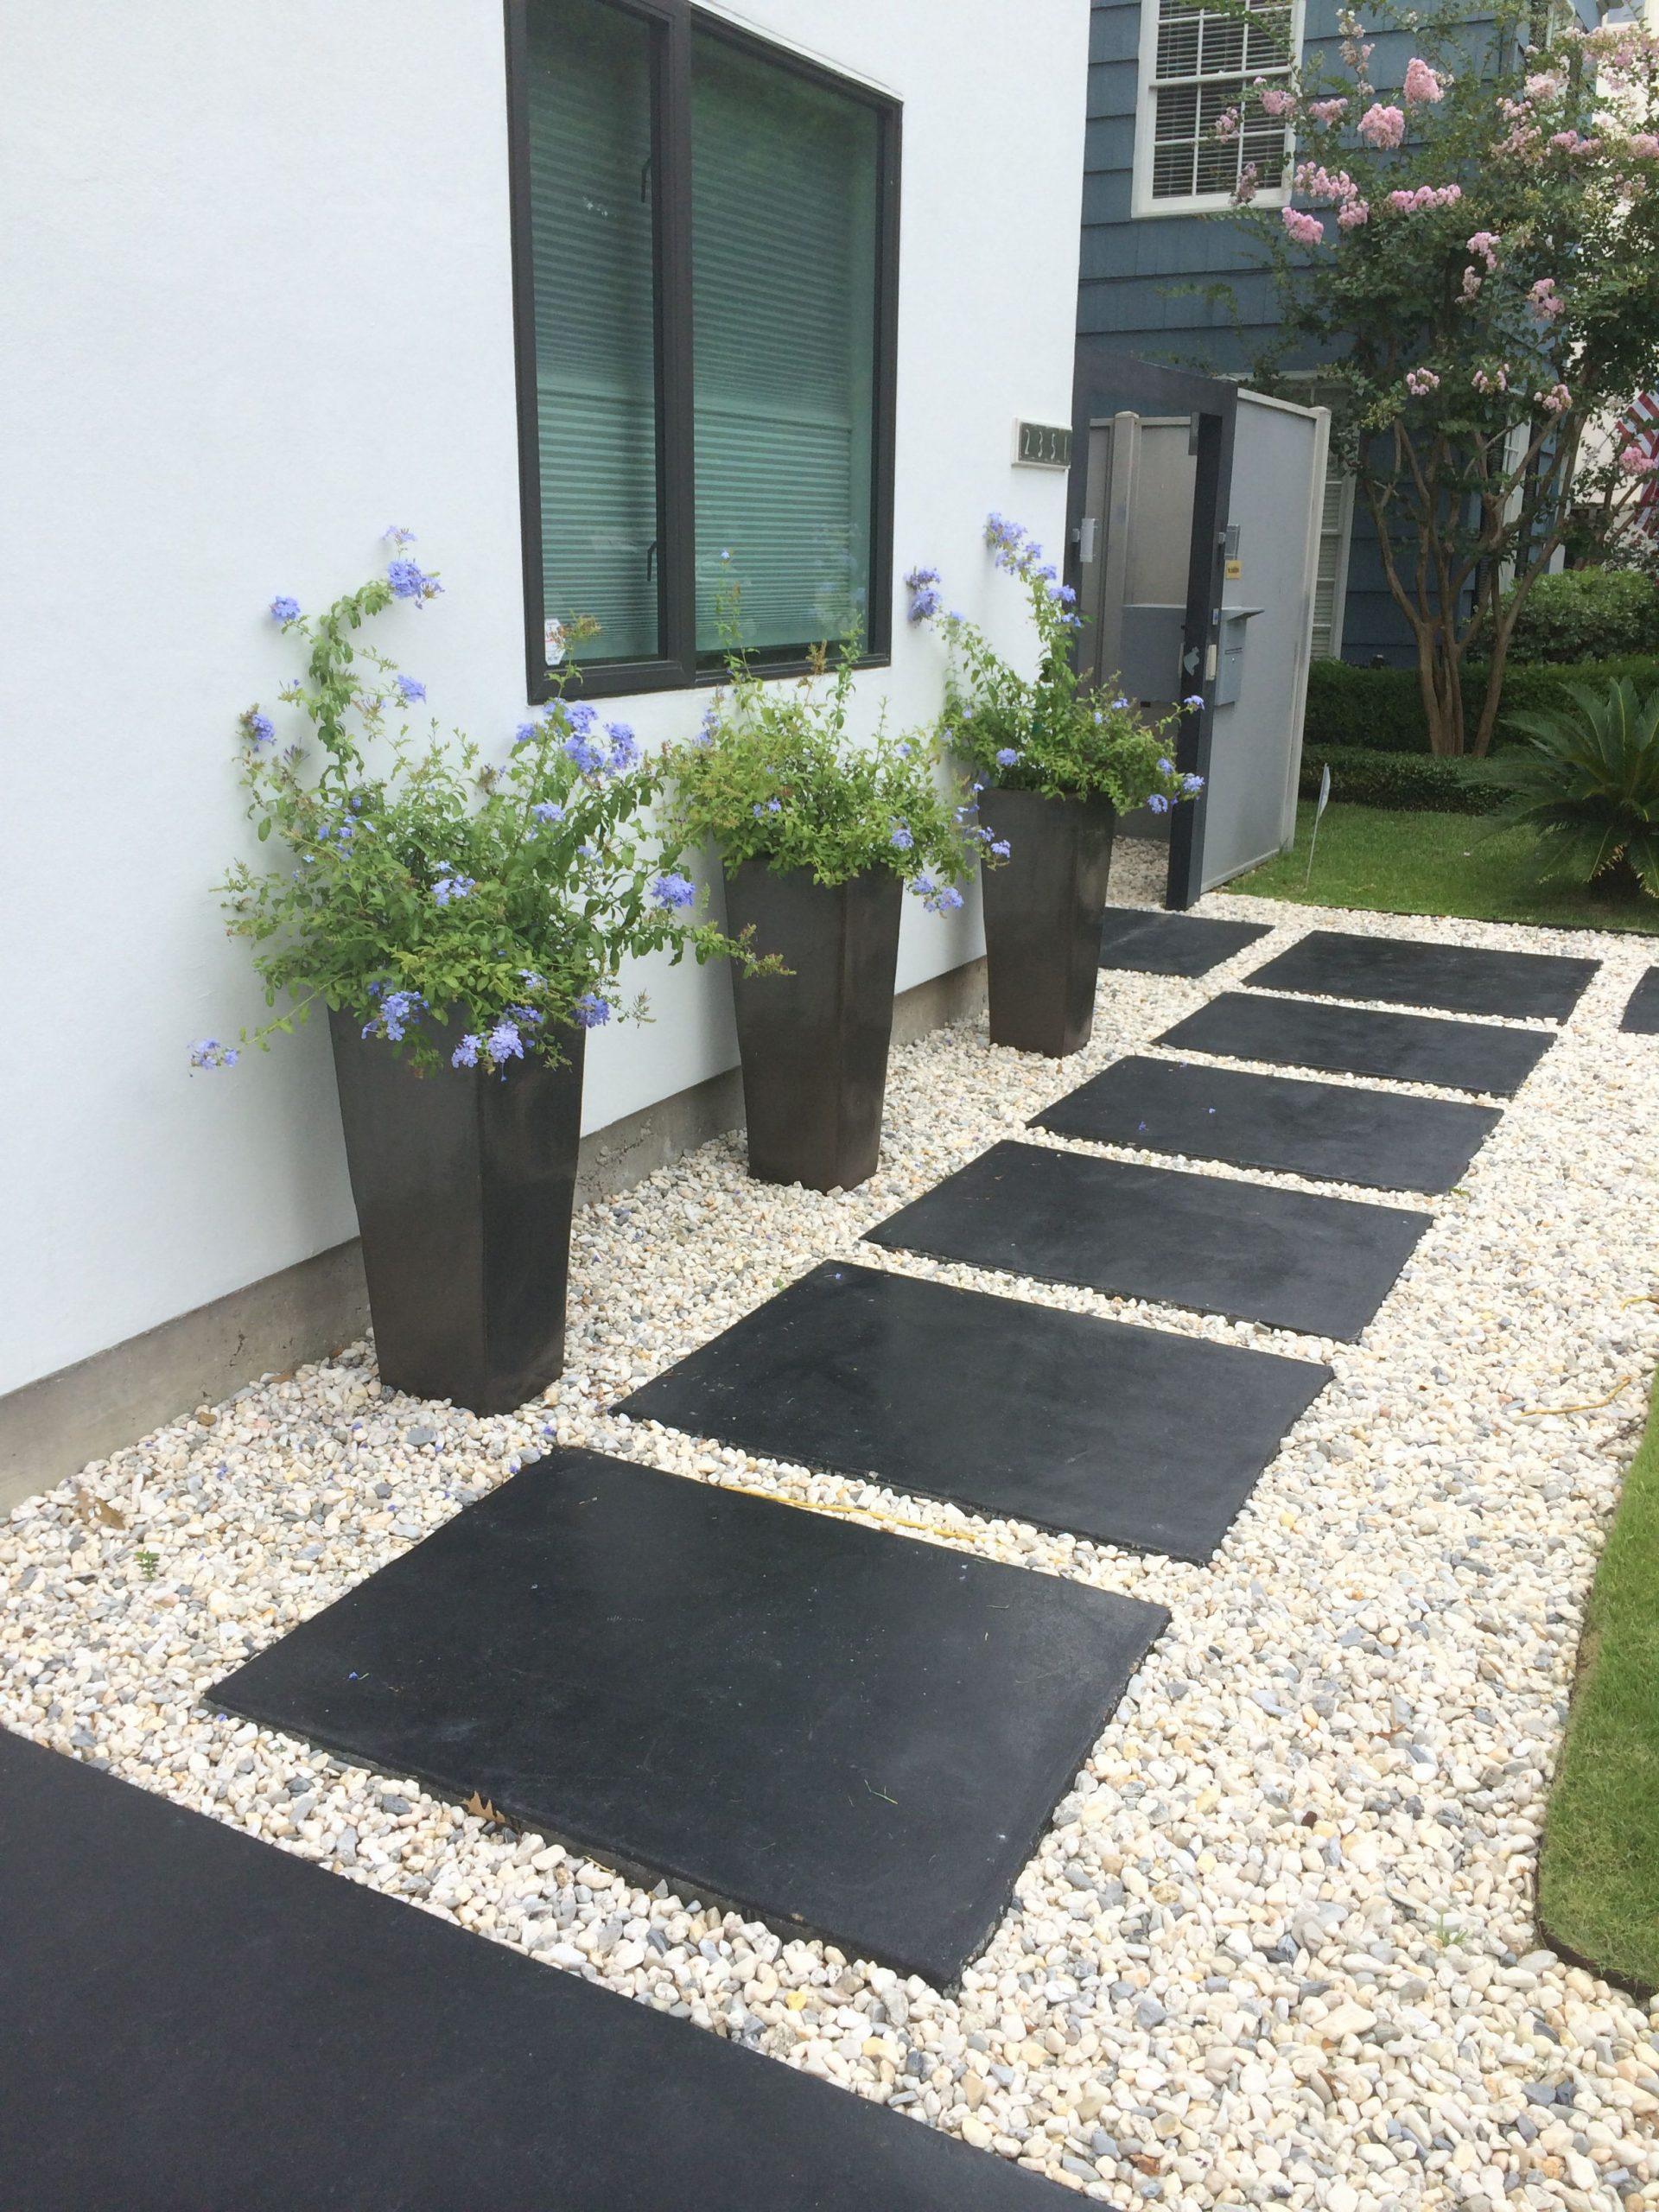 Idée Extérieur | Design Jardin, Aménagement Jardin Devant ... concernant Idee Amenagement Jardin Devant Maison